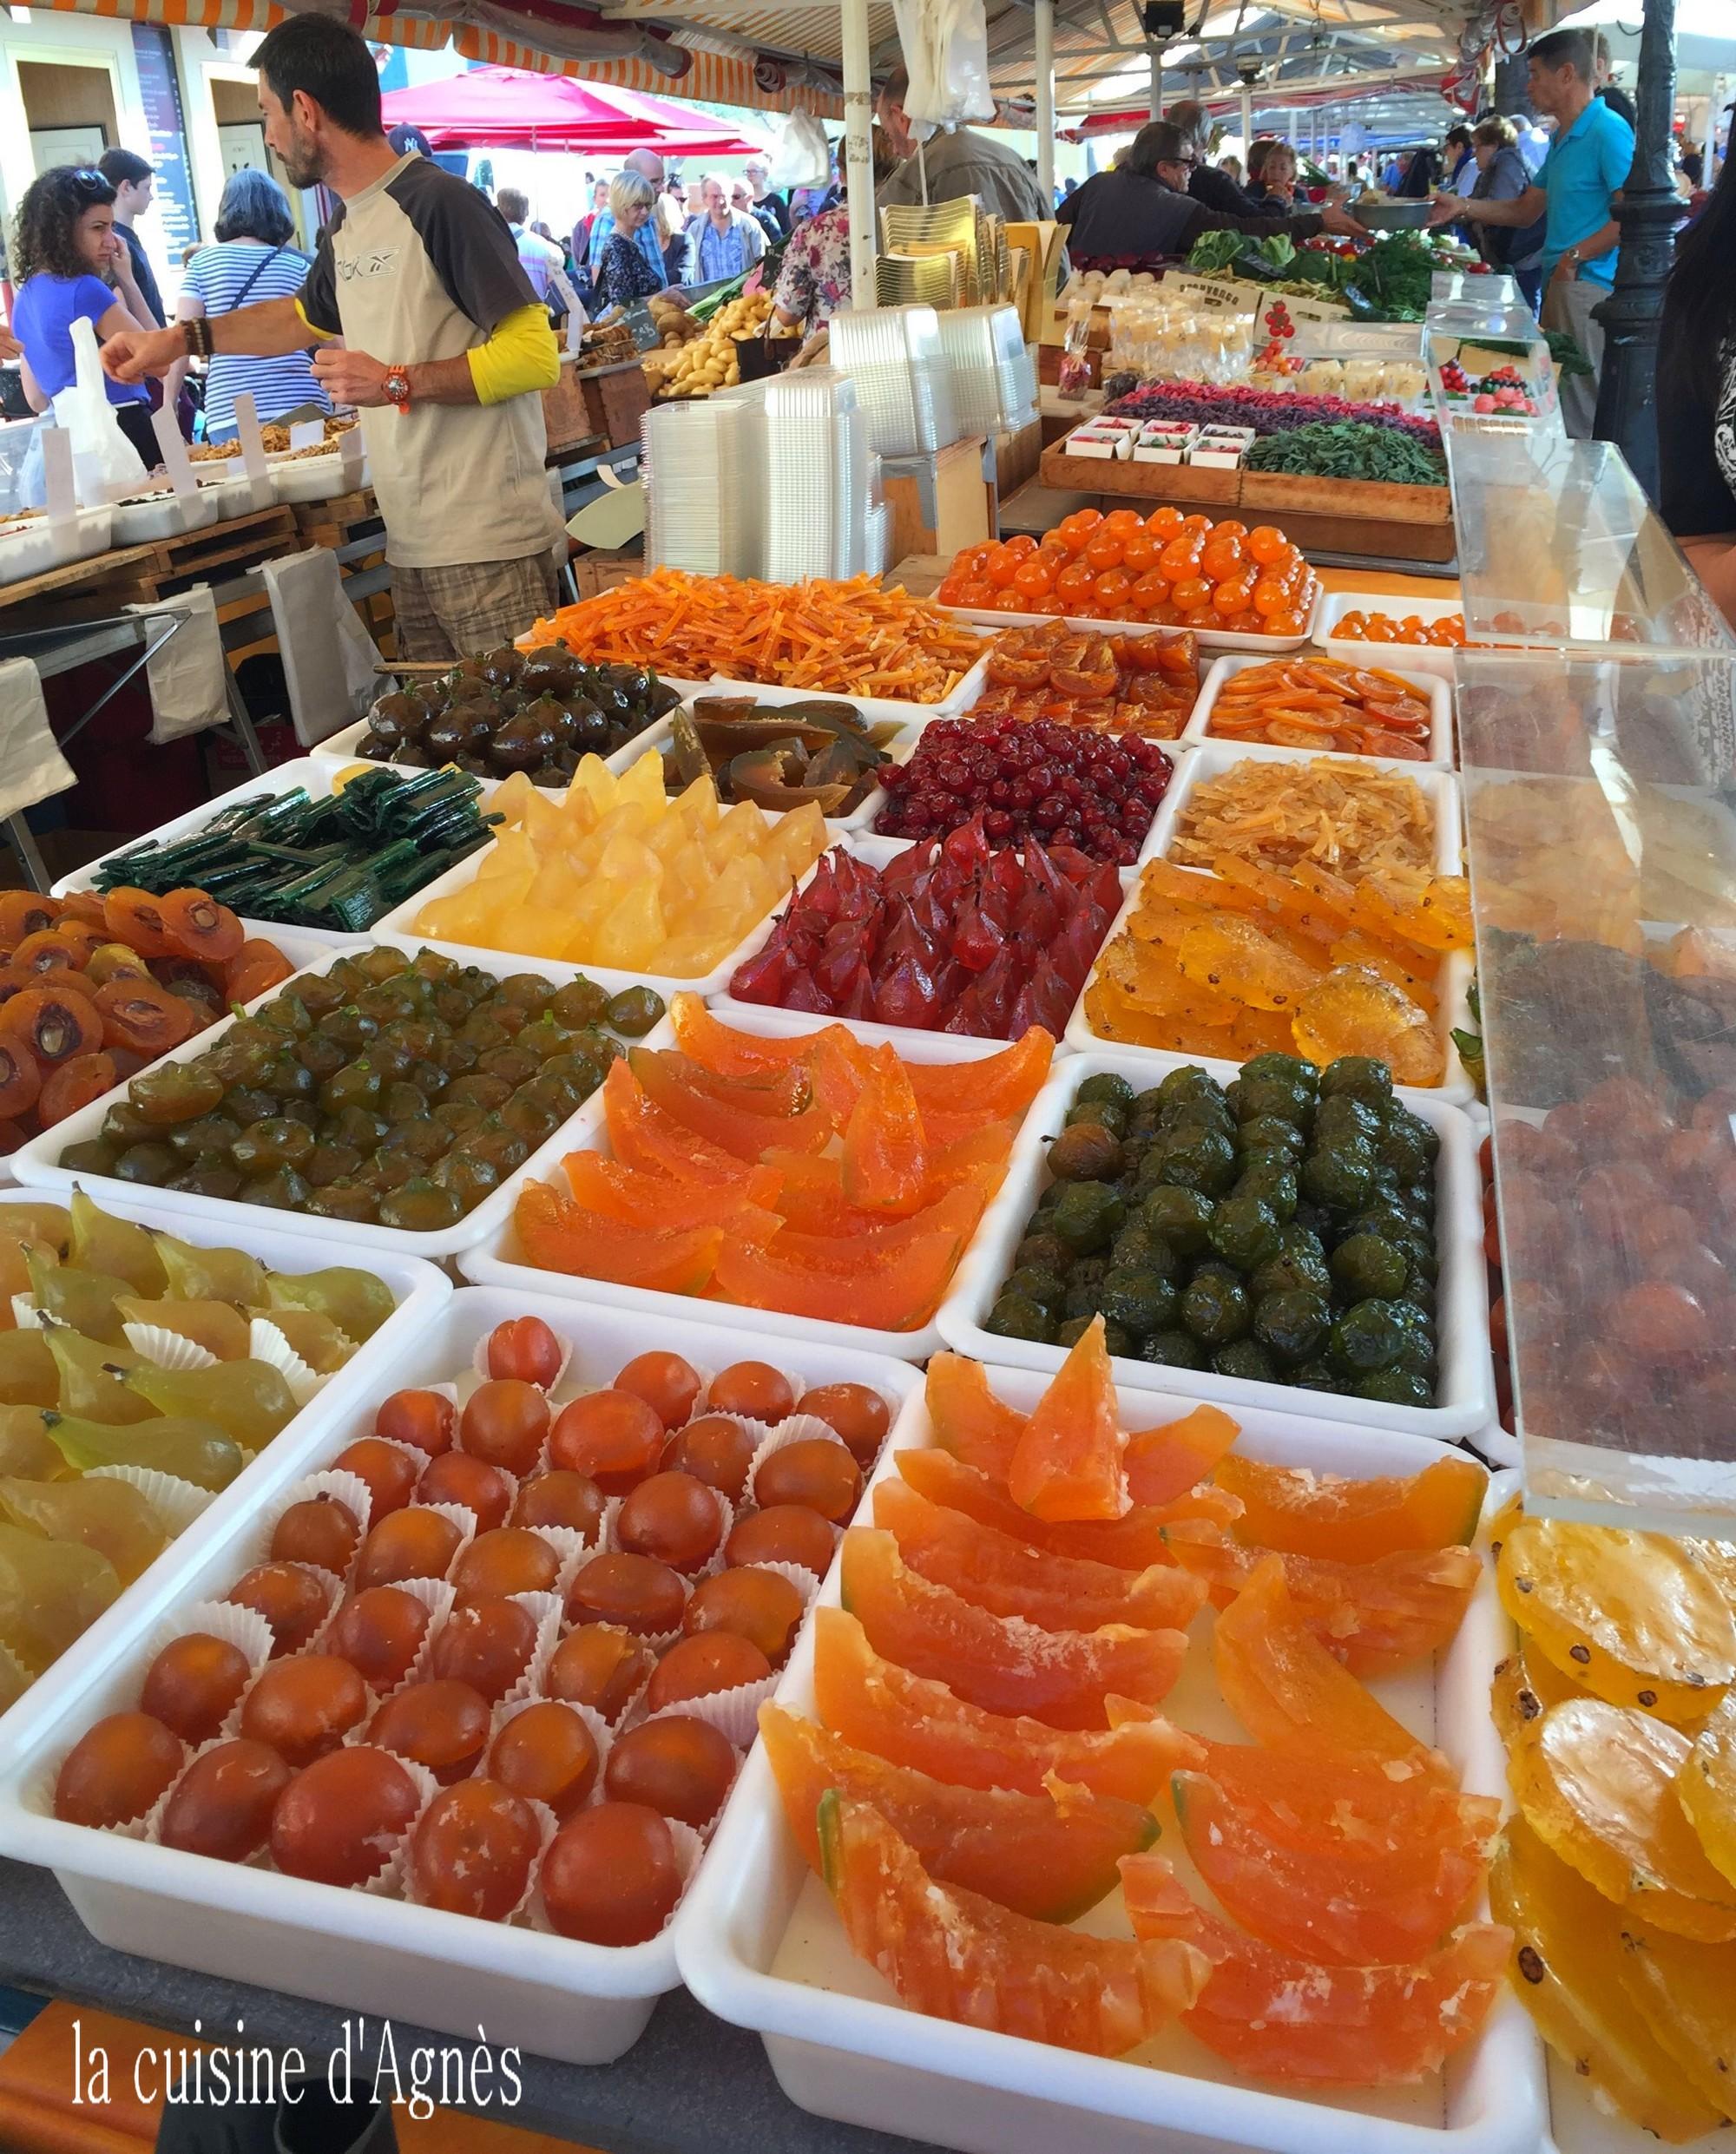 Cours saleya nice le march aux fleurs blogs de cuisine - Cours de cuisine nice ...